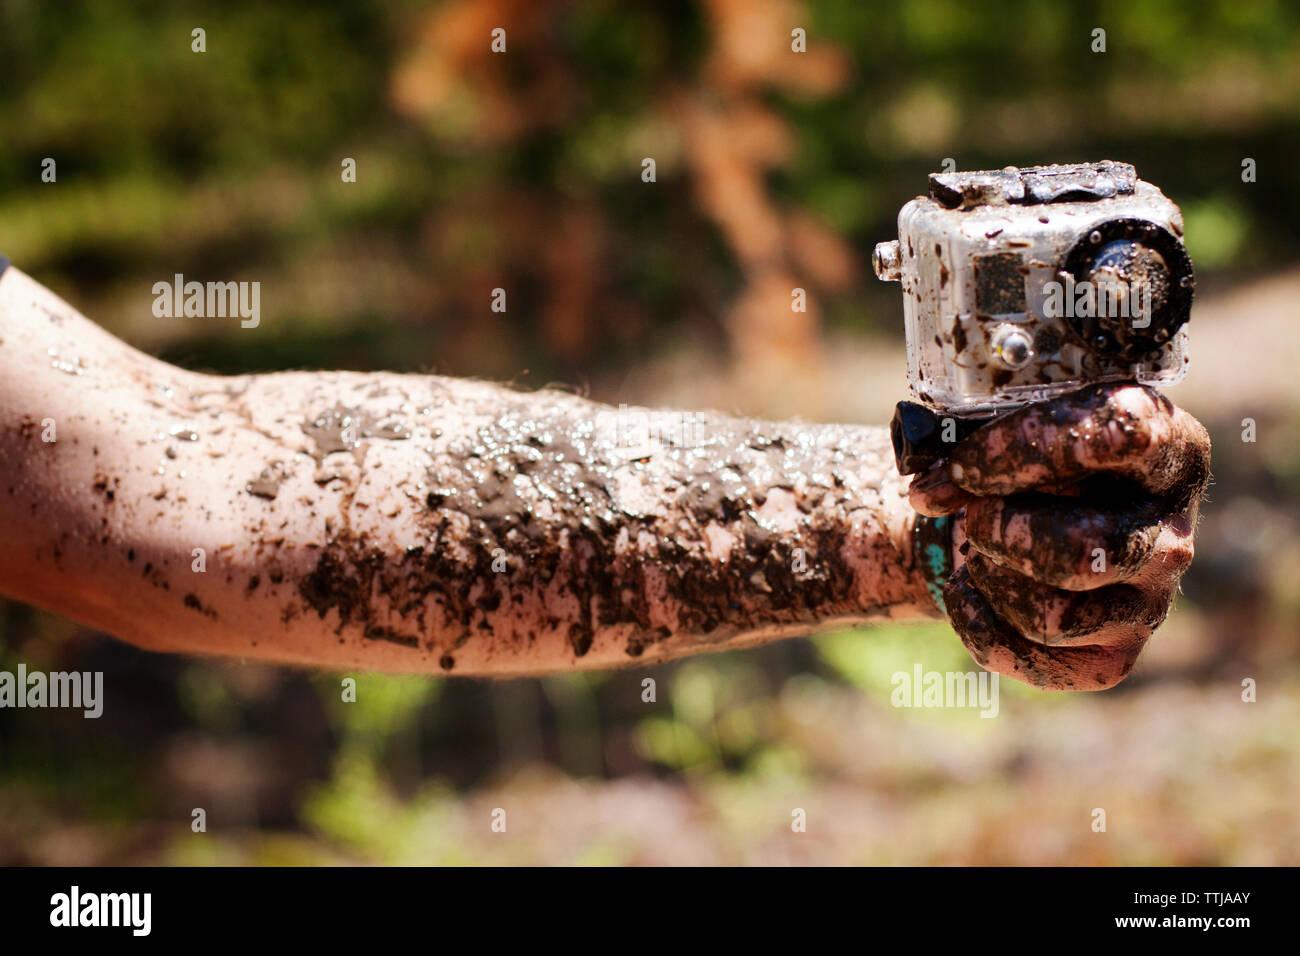 Portrait de main boueuse holding camera Banque D'Images